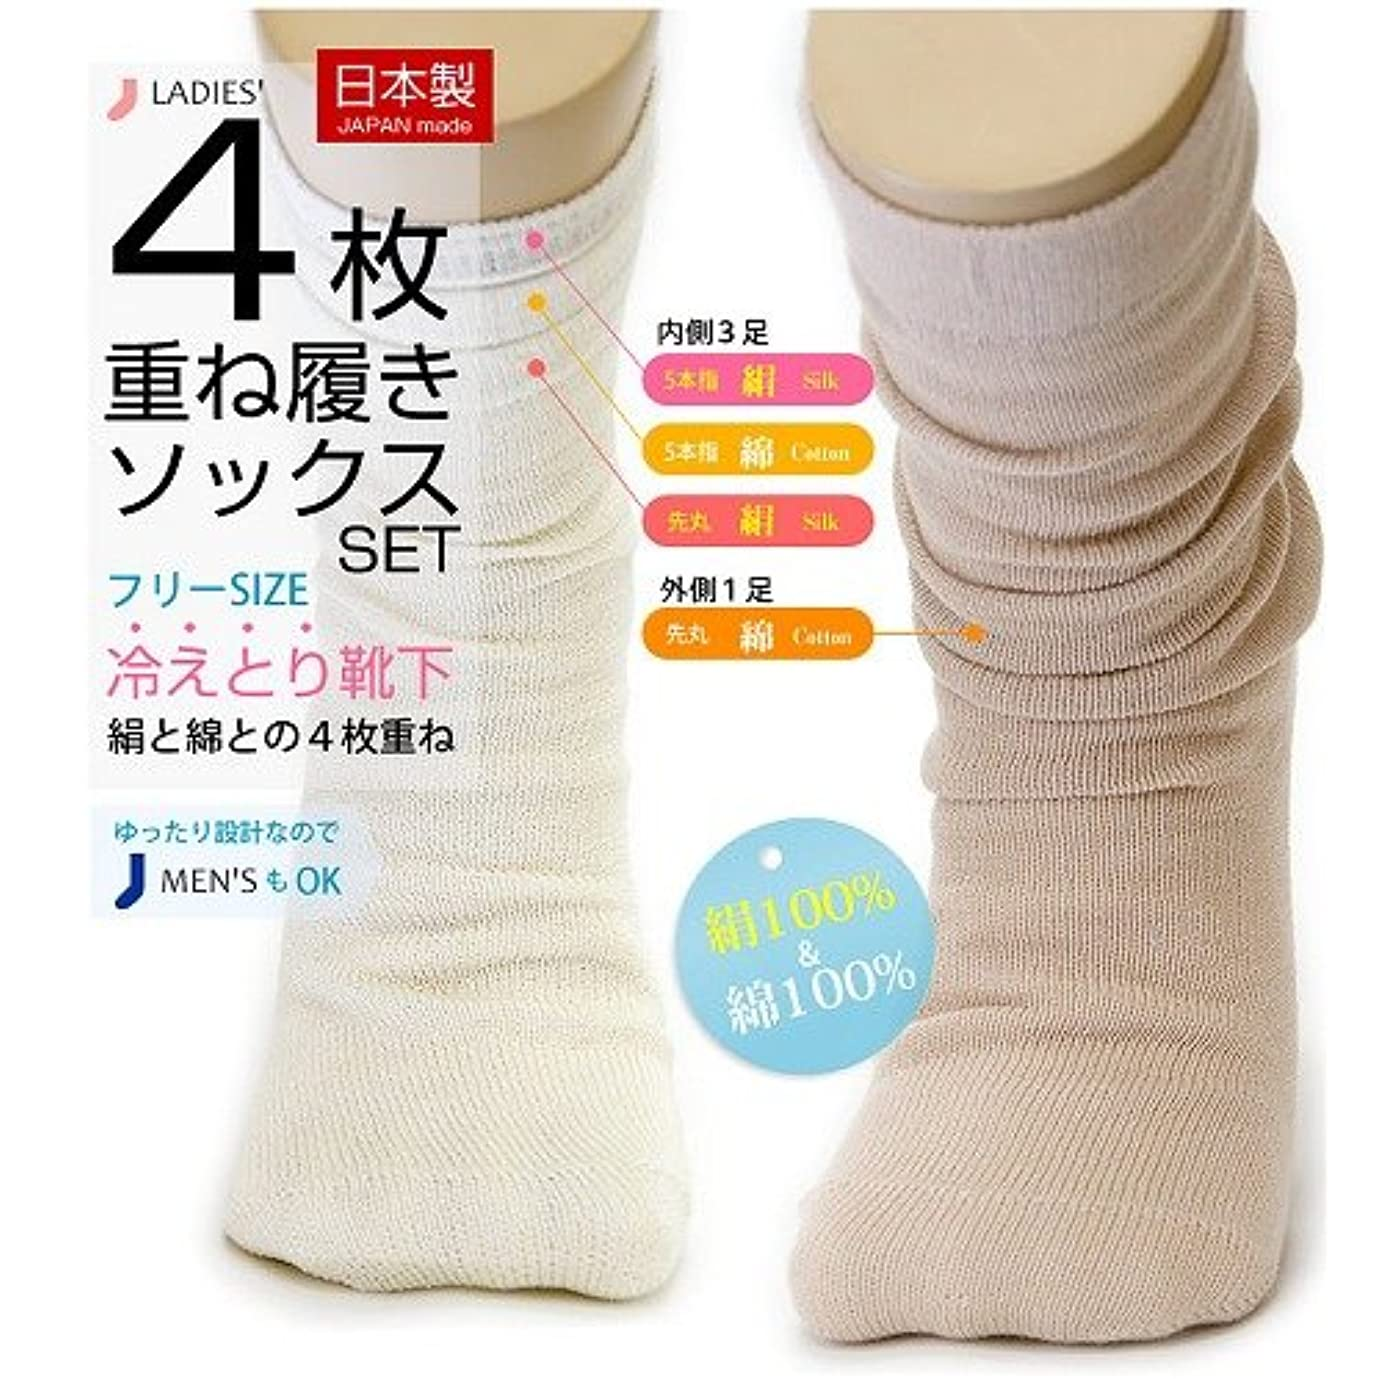 不注意ウサギトムオードリース冷え取り靴下 綿100%とシルク100% 最高級の日本製 4枚重ねばきセット(外側ライトグレー)